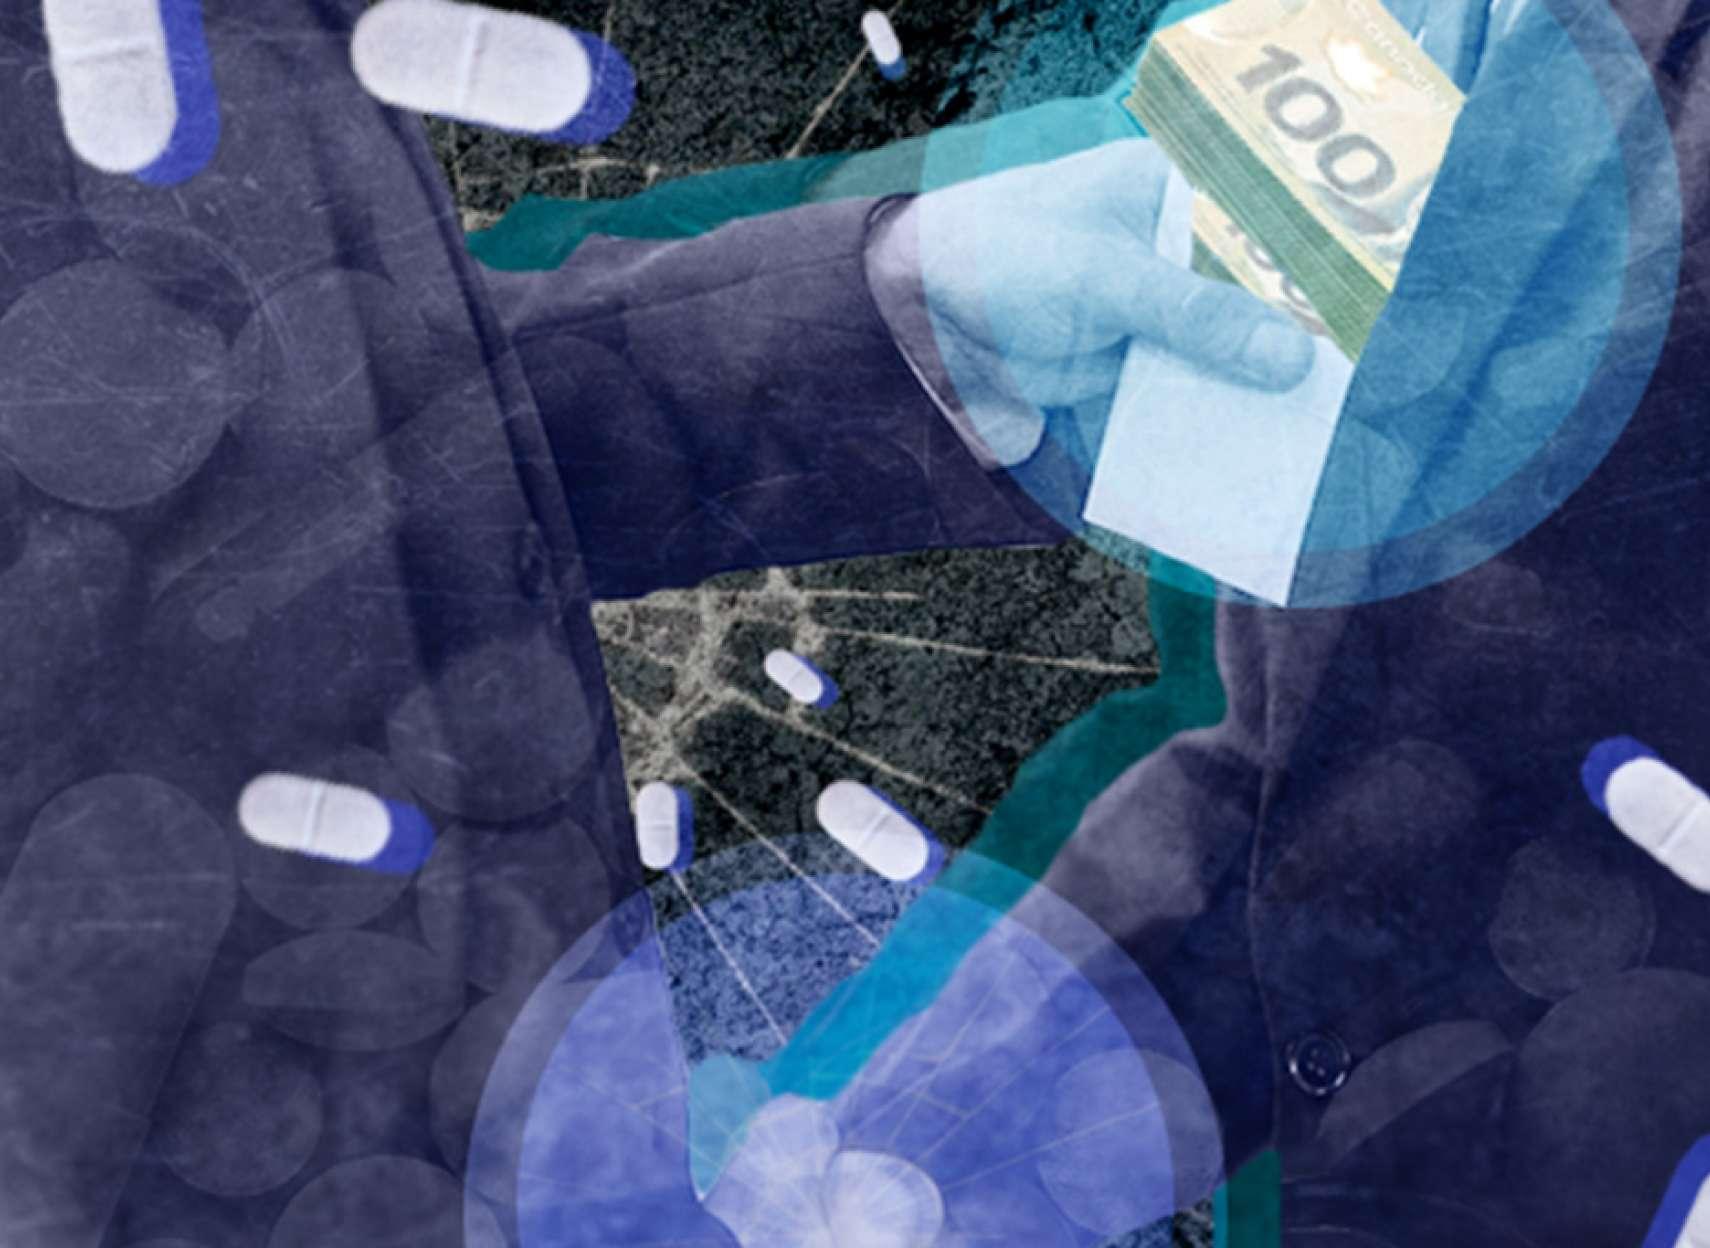 اخبار-کانادا-کمپانیهای-داروسازی-151-میلیون-دلار-به-دکترها-و-بقیه-پول-دادهاند